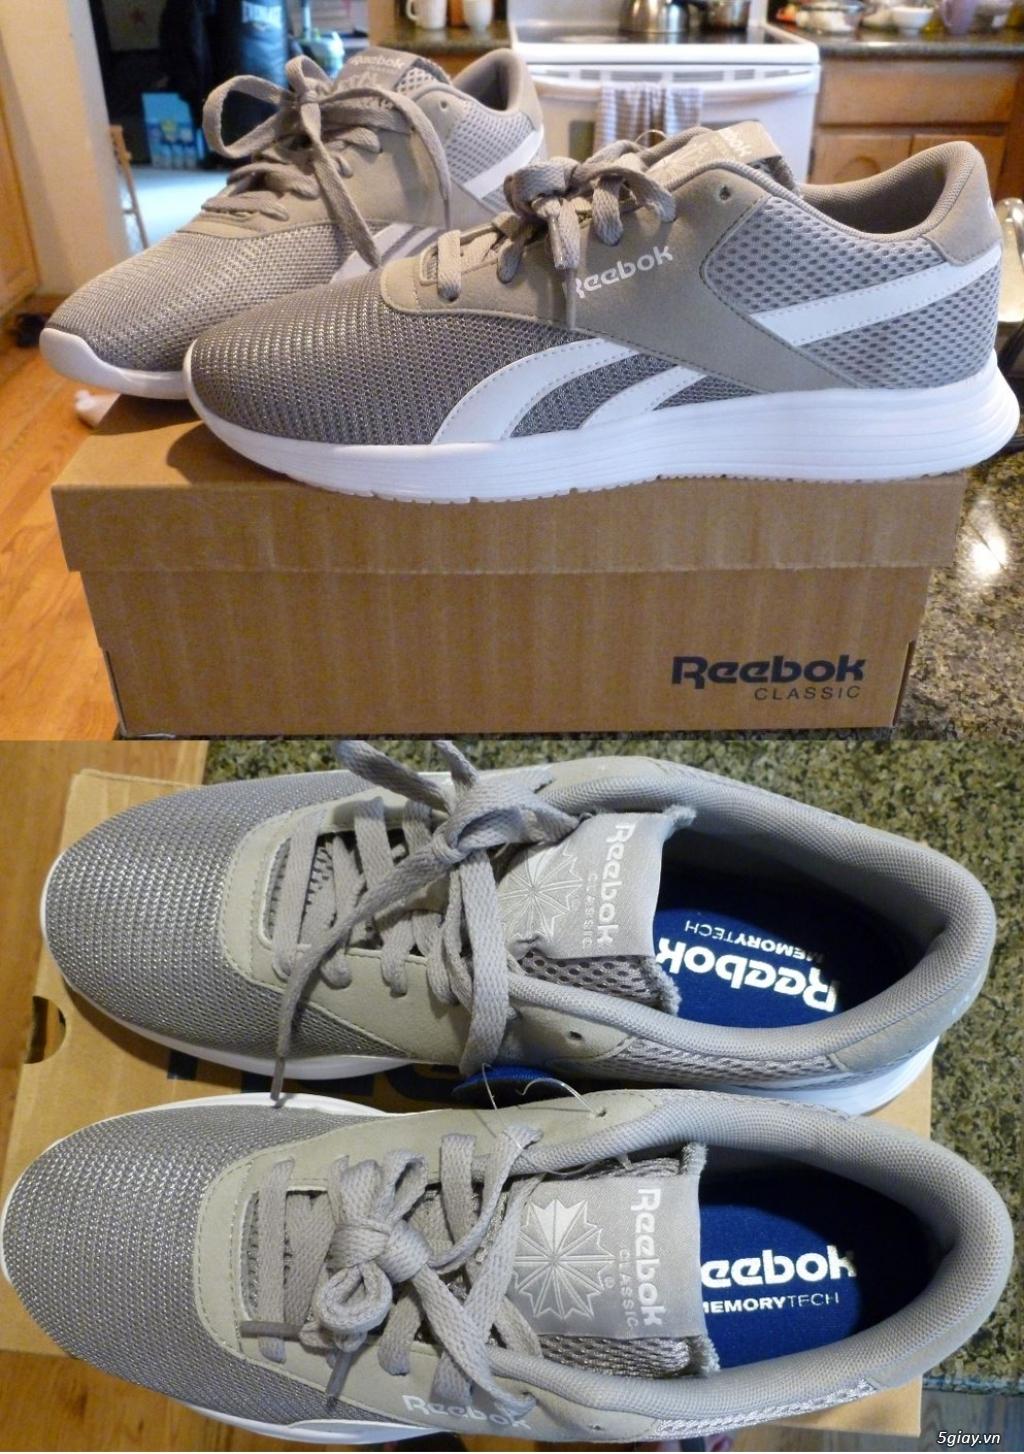 Mình xách/gửi giày Nike, Skechers, Reebok, Polo, Converse, v.v. từ Mỹ. - 38